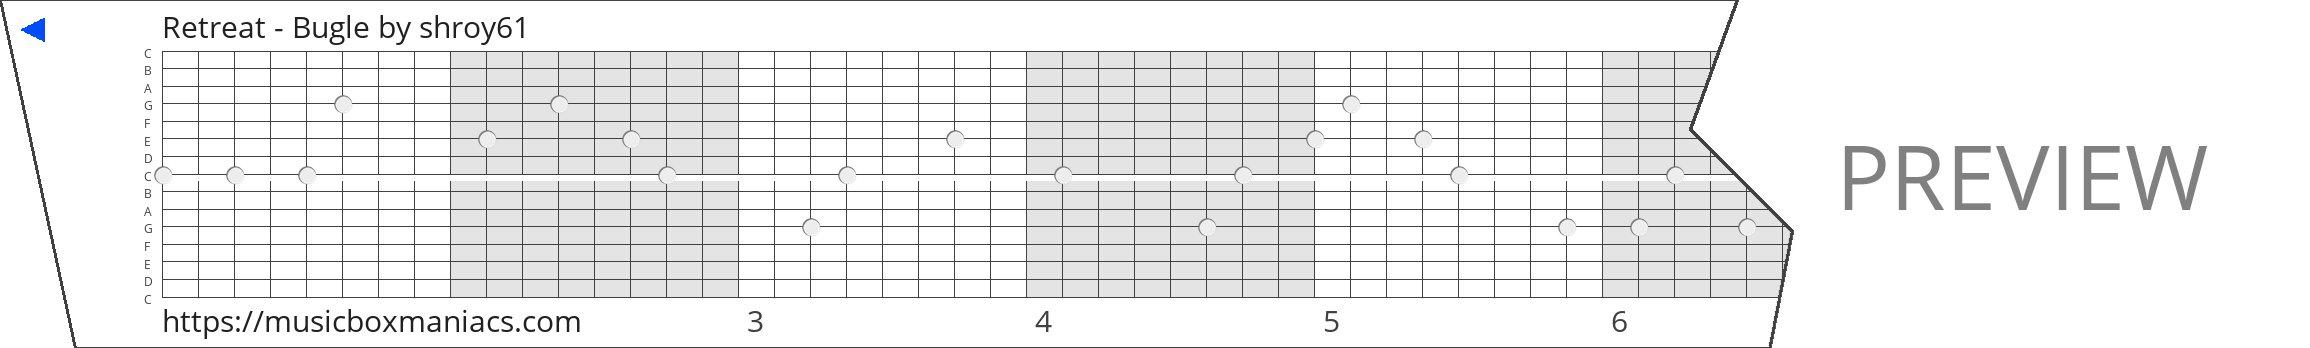 Retreat - Bugle 15 note music box paper strip